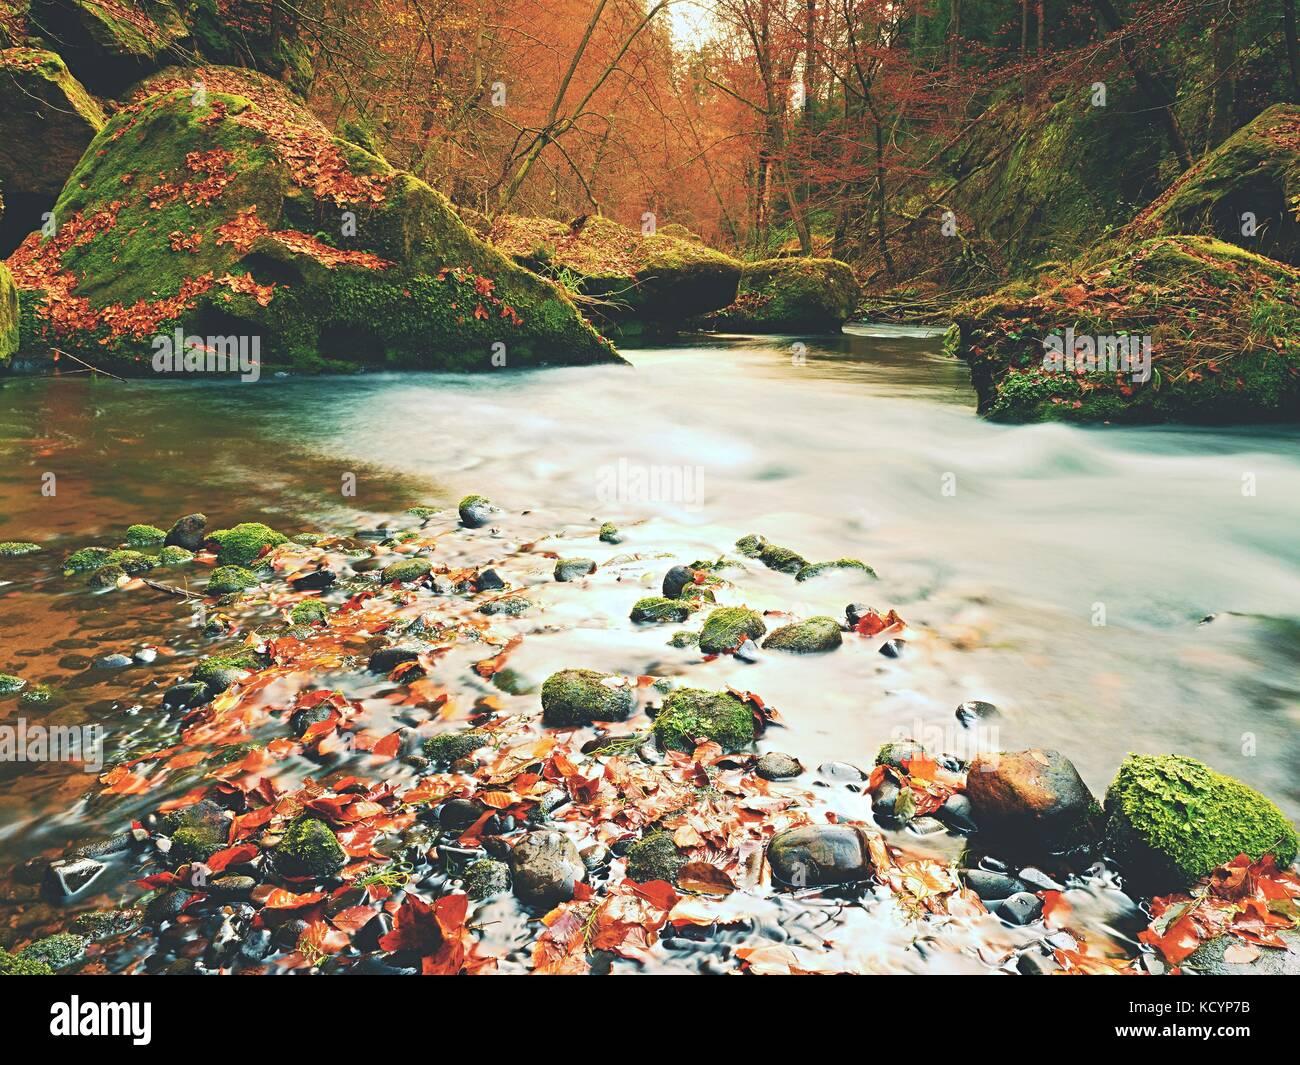 Banco de grava de otoño de río de montaña cubiertos por hojas de hayas de naranja fresco coloridas Imagen De Stock